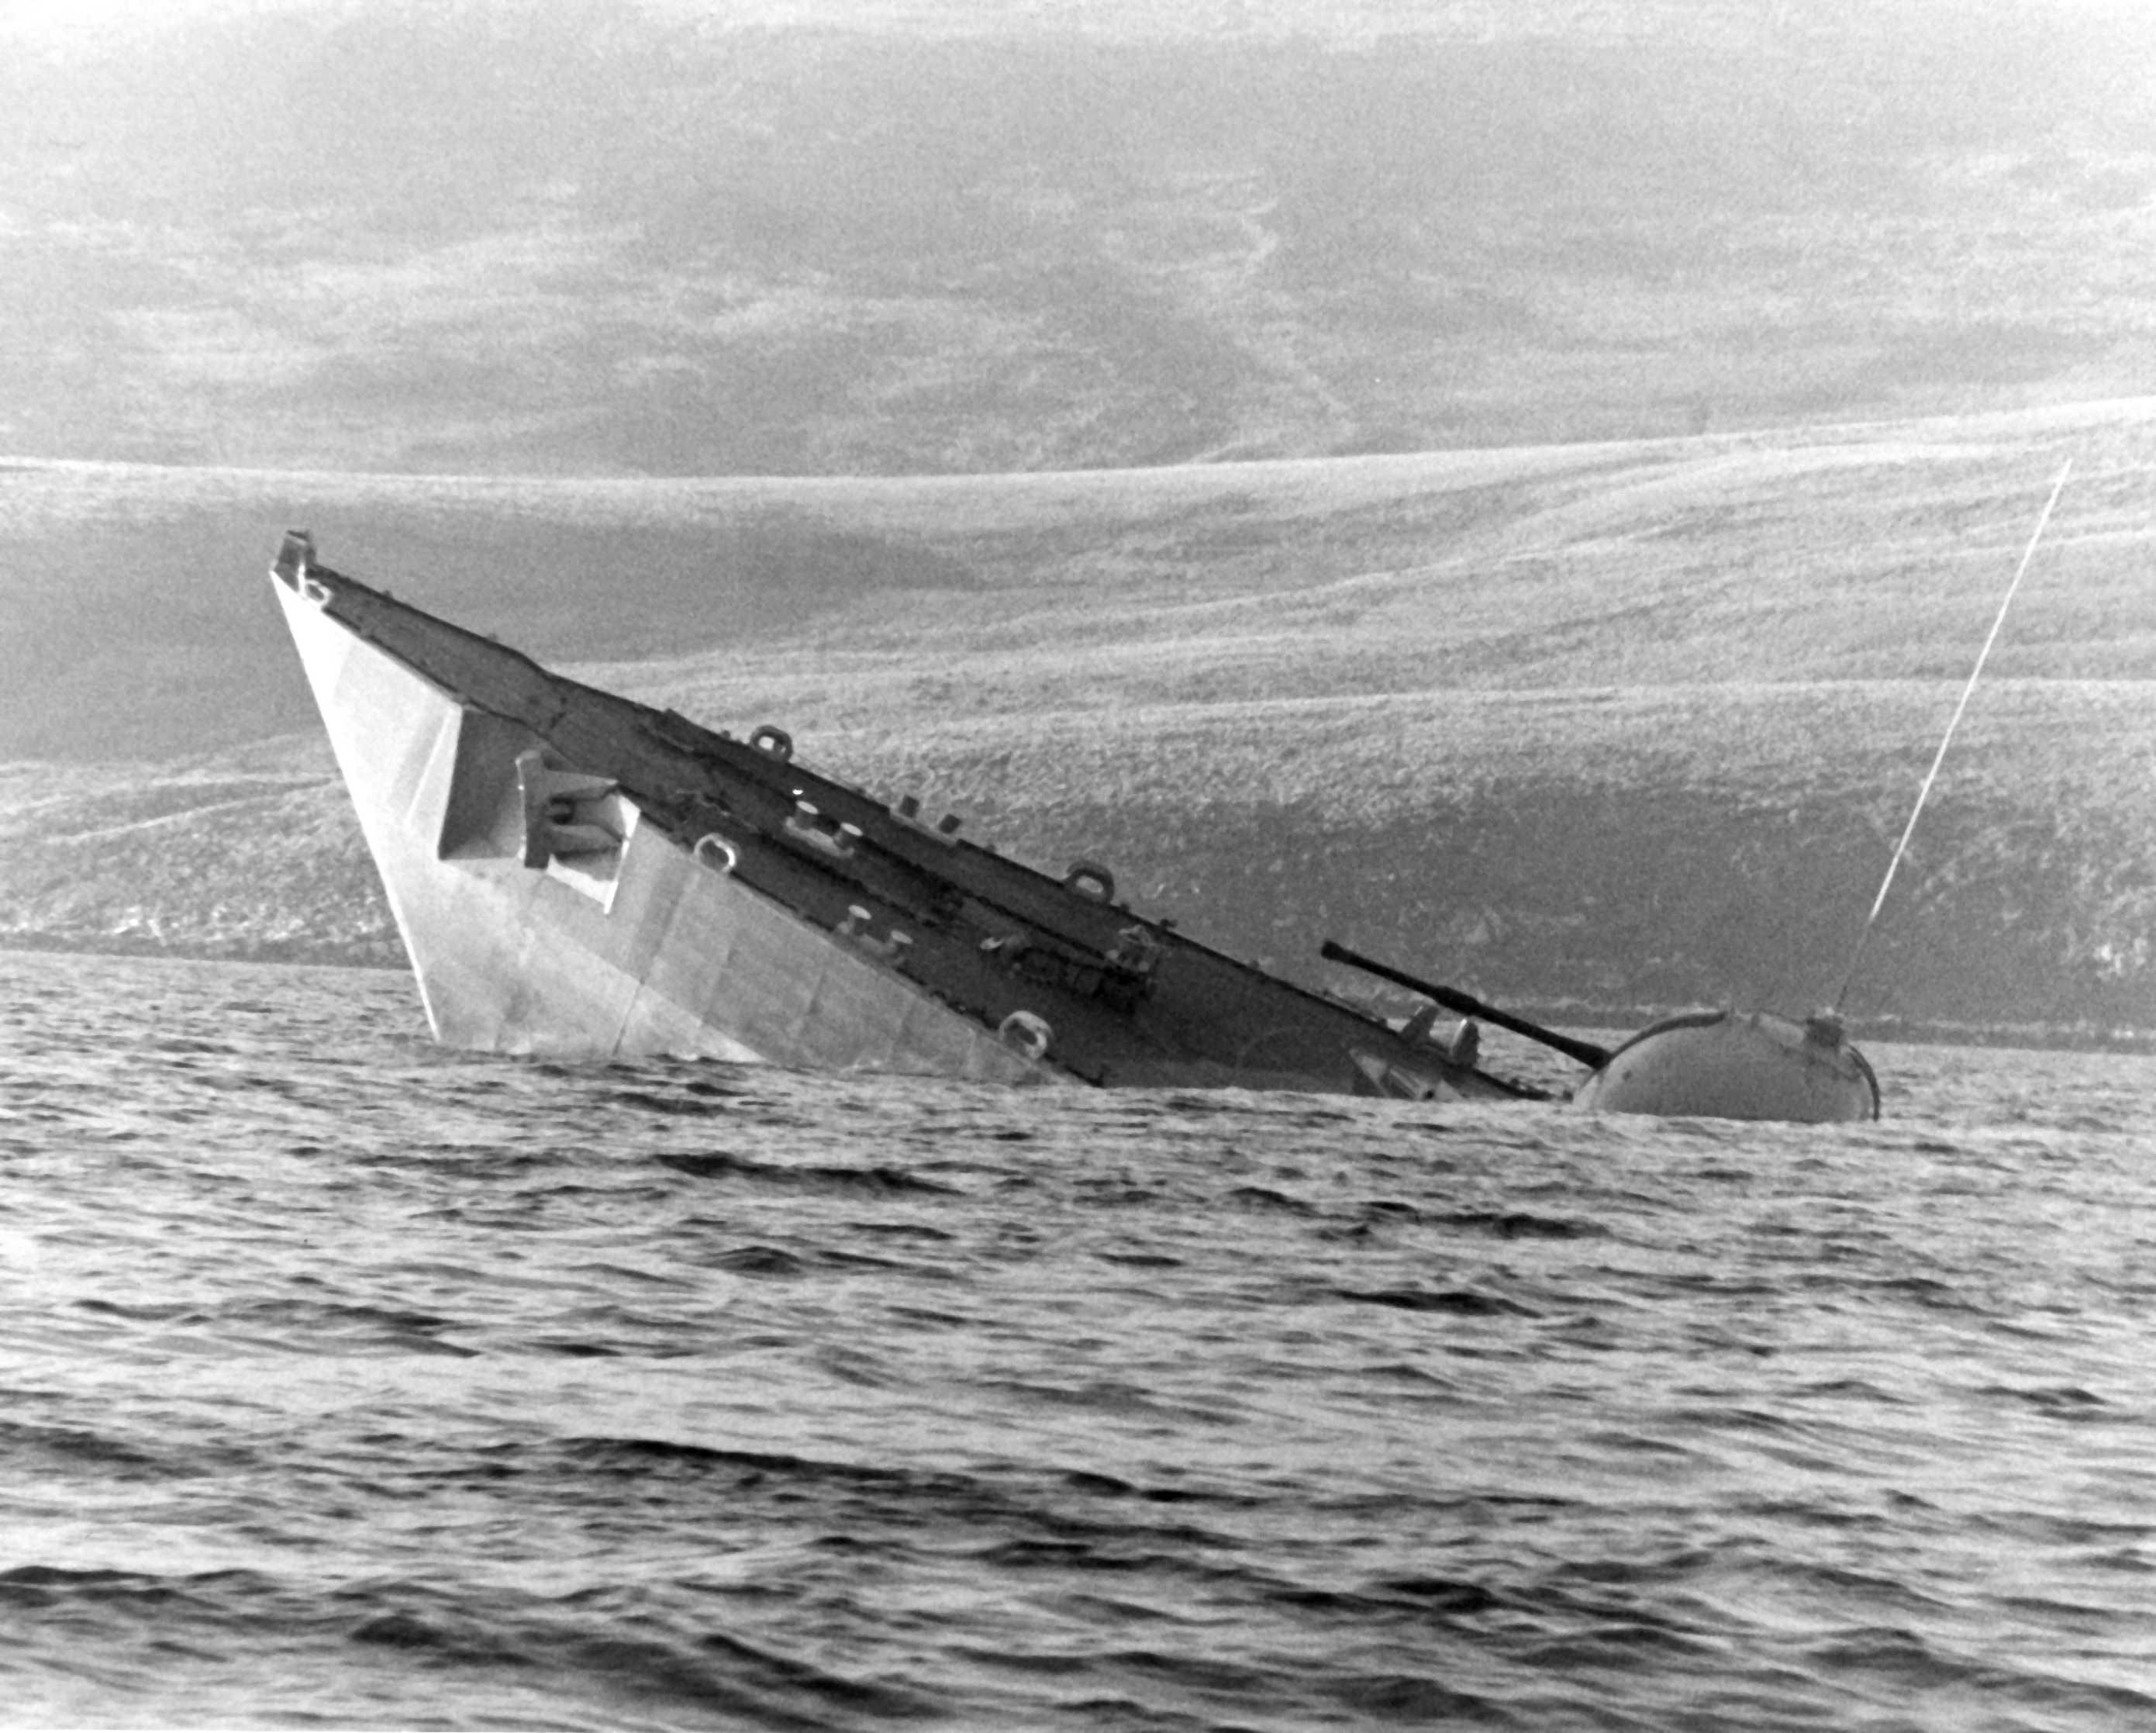 أسلحة صنعت الحدث - صفحة 3 Ship_Sinking_Falklands_Islands_War_HMS_Antelope